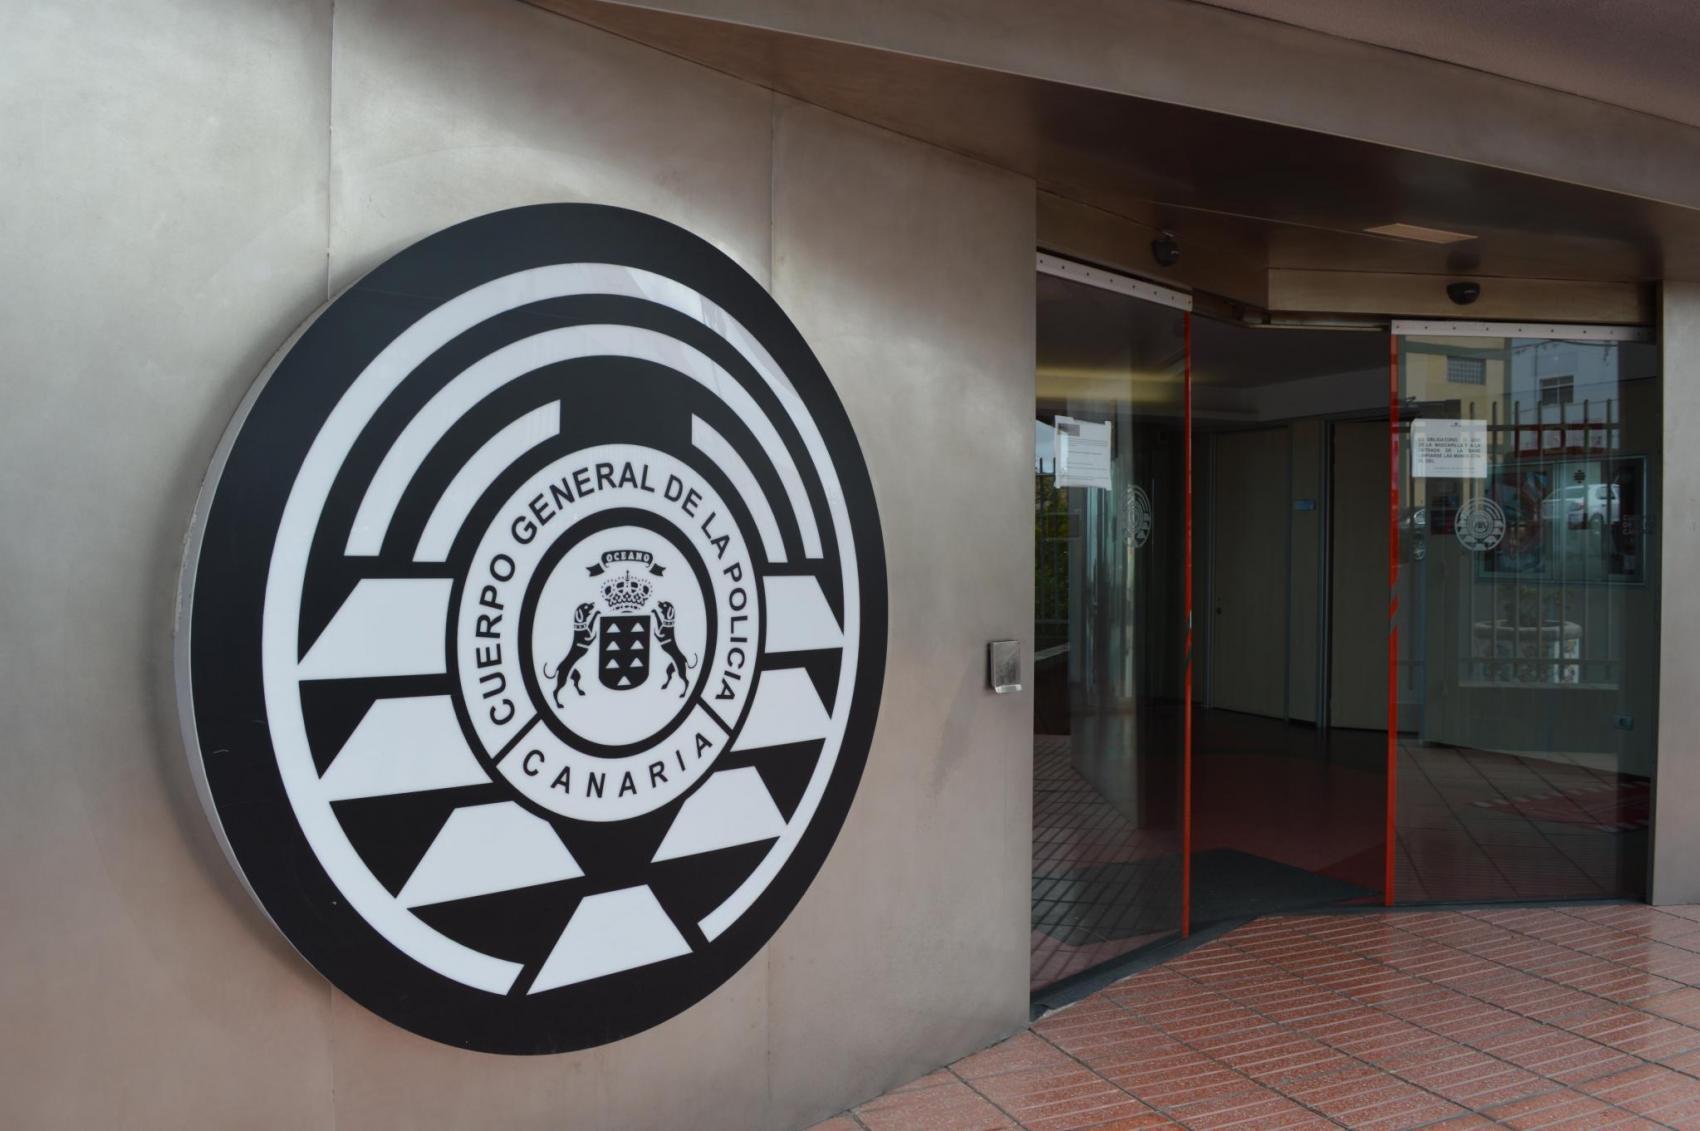 El CGPC detiene a un hombre en Telde como presunto autor de un delito de violencia de género